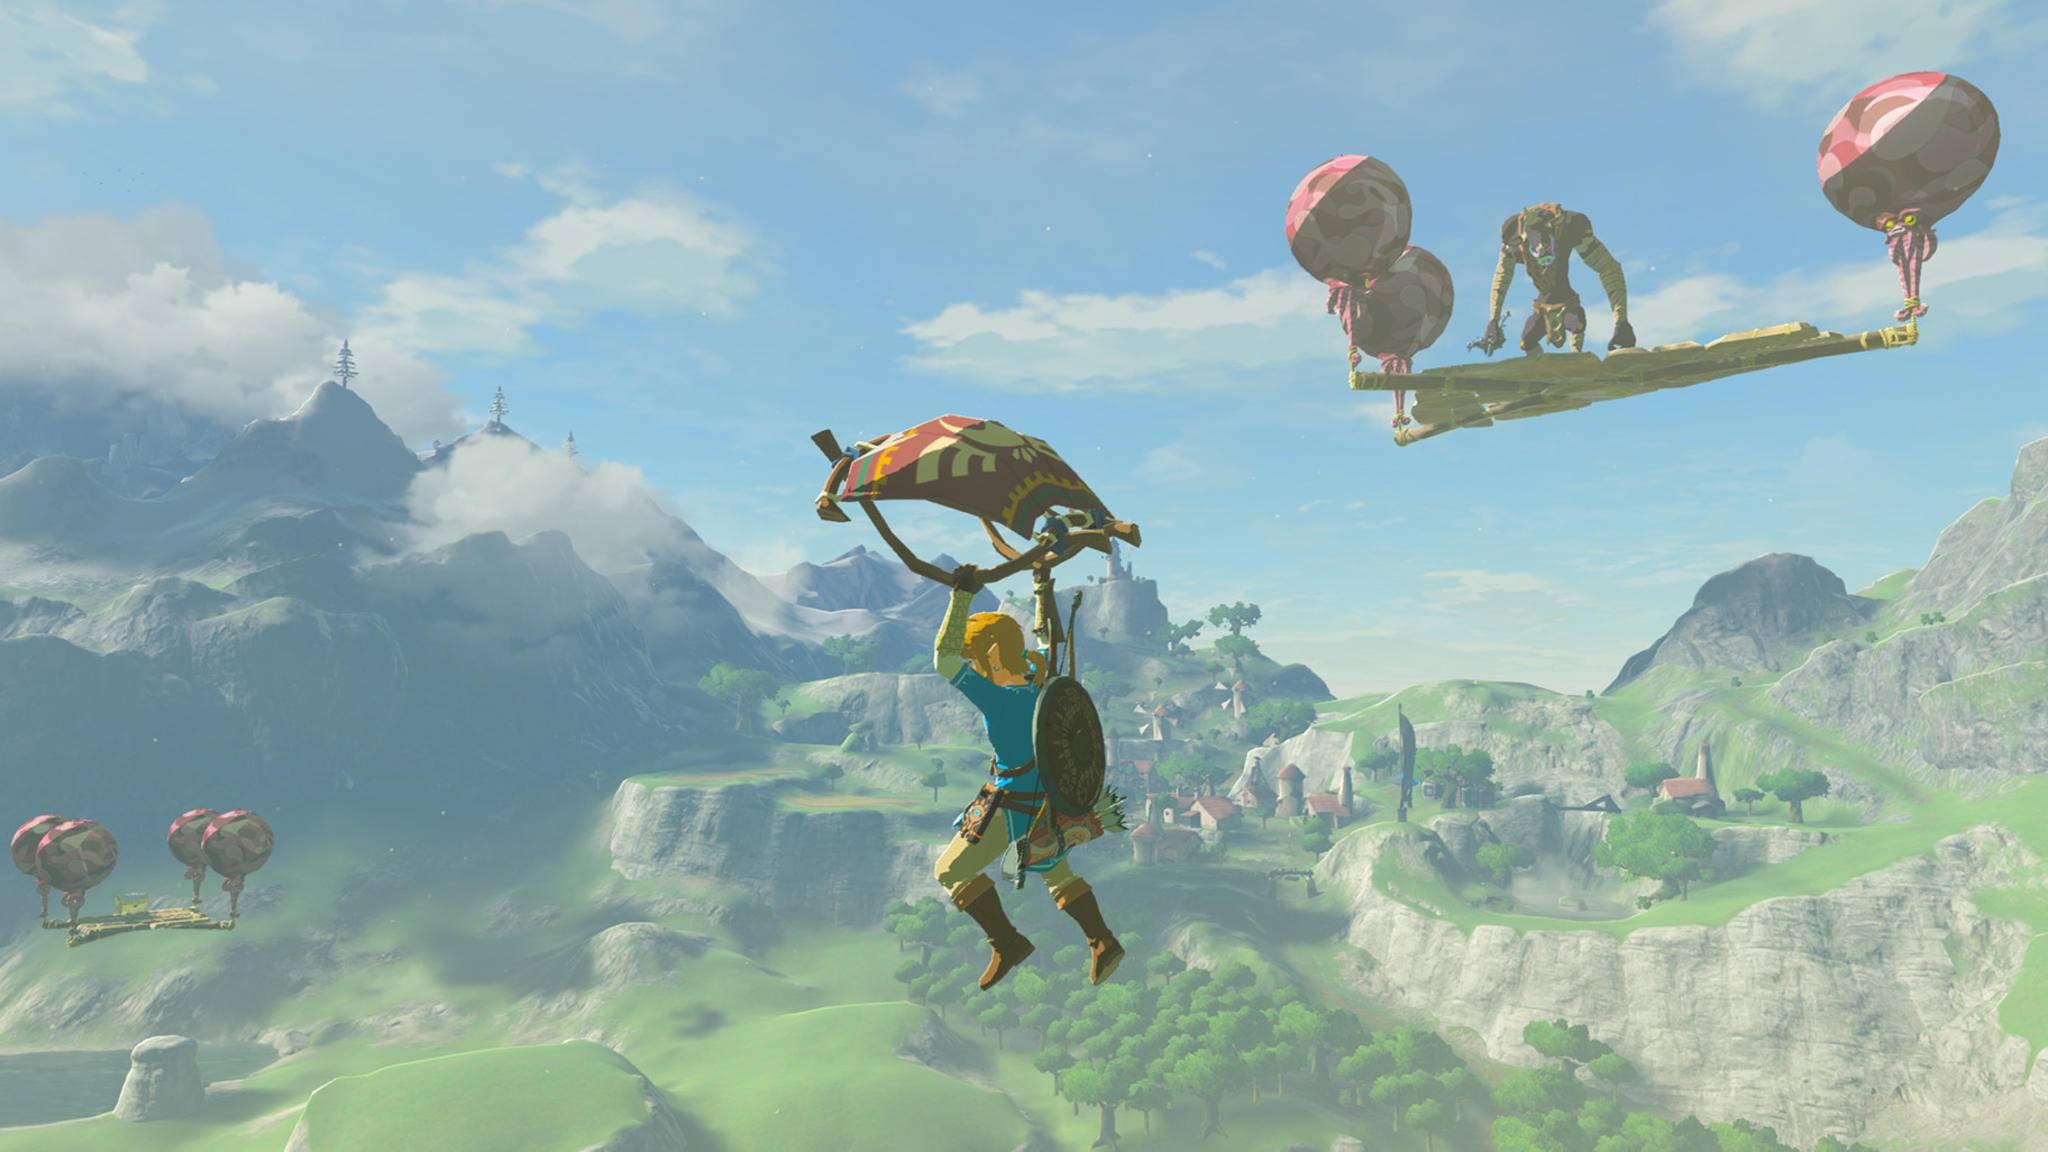 """Der Titel """"The Legend of Zelda: Breath of the Wild"""" hat sich als großer Erfolg erwiesen."""